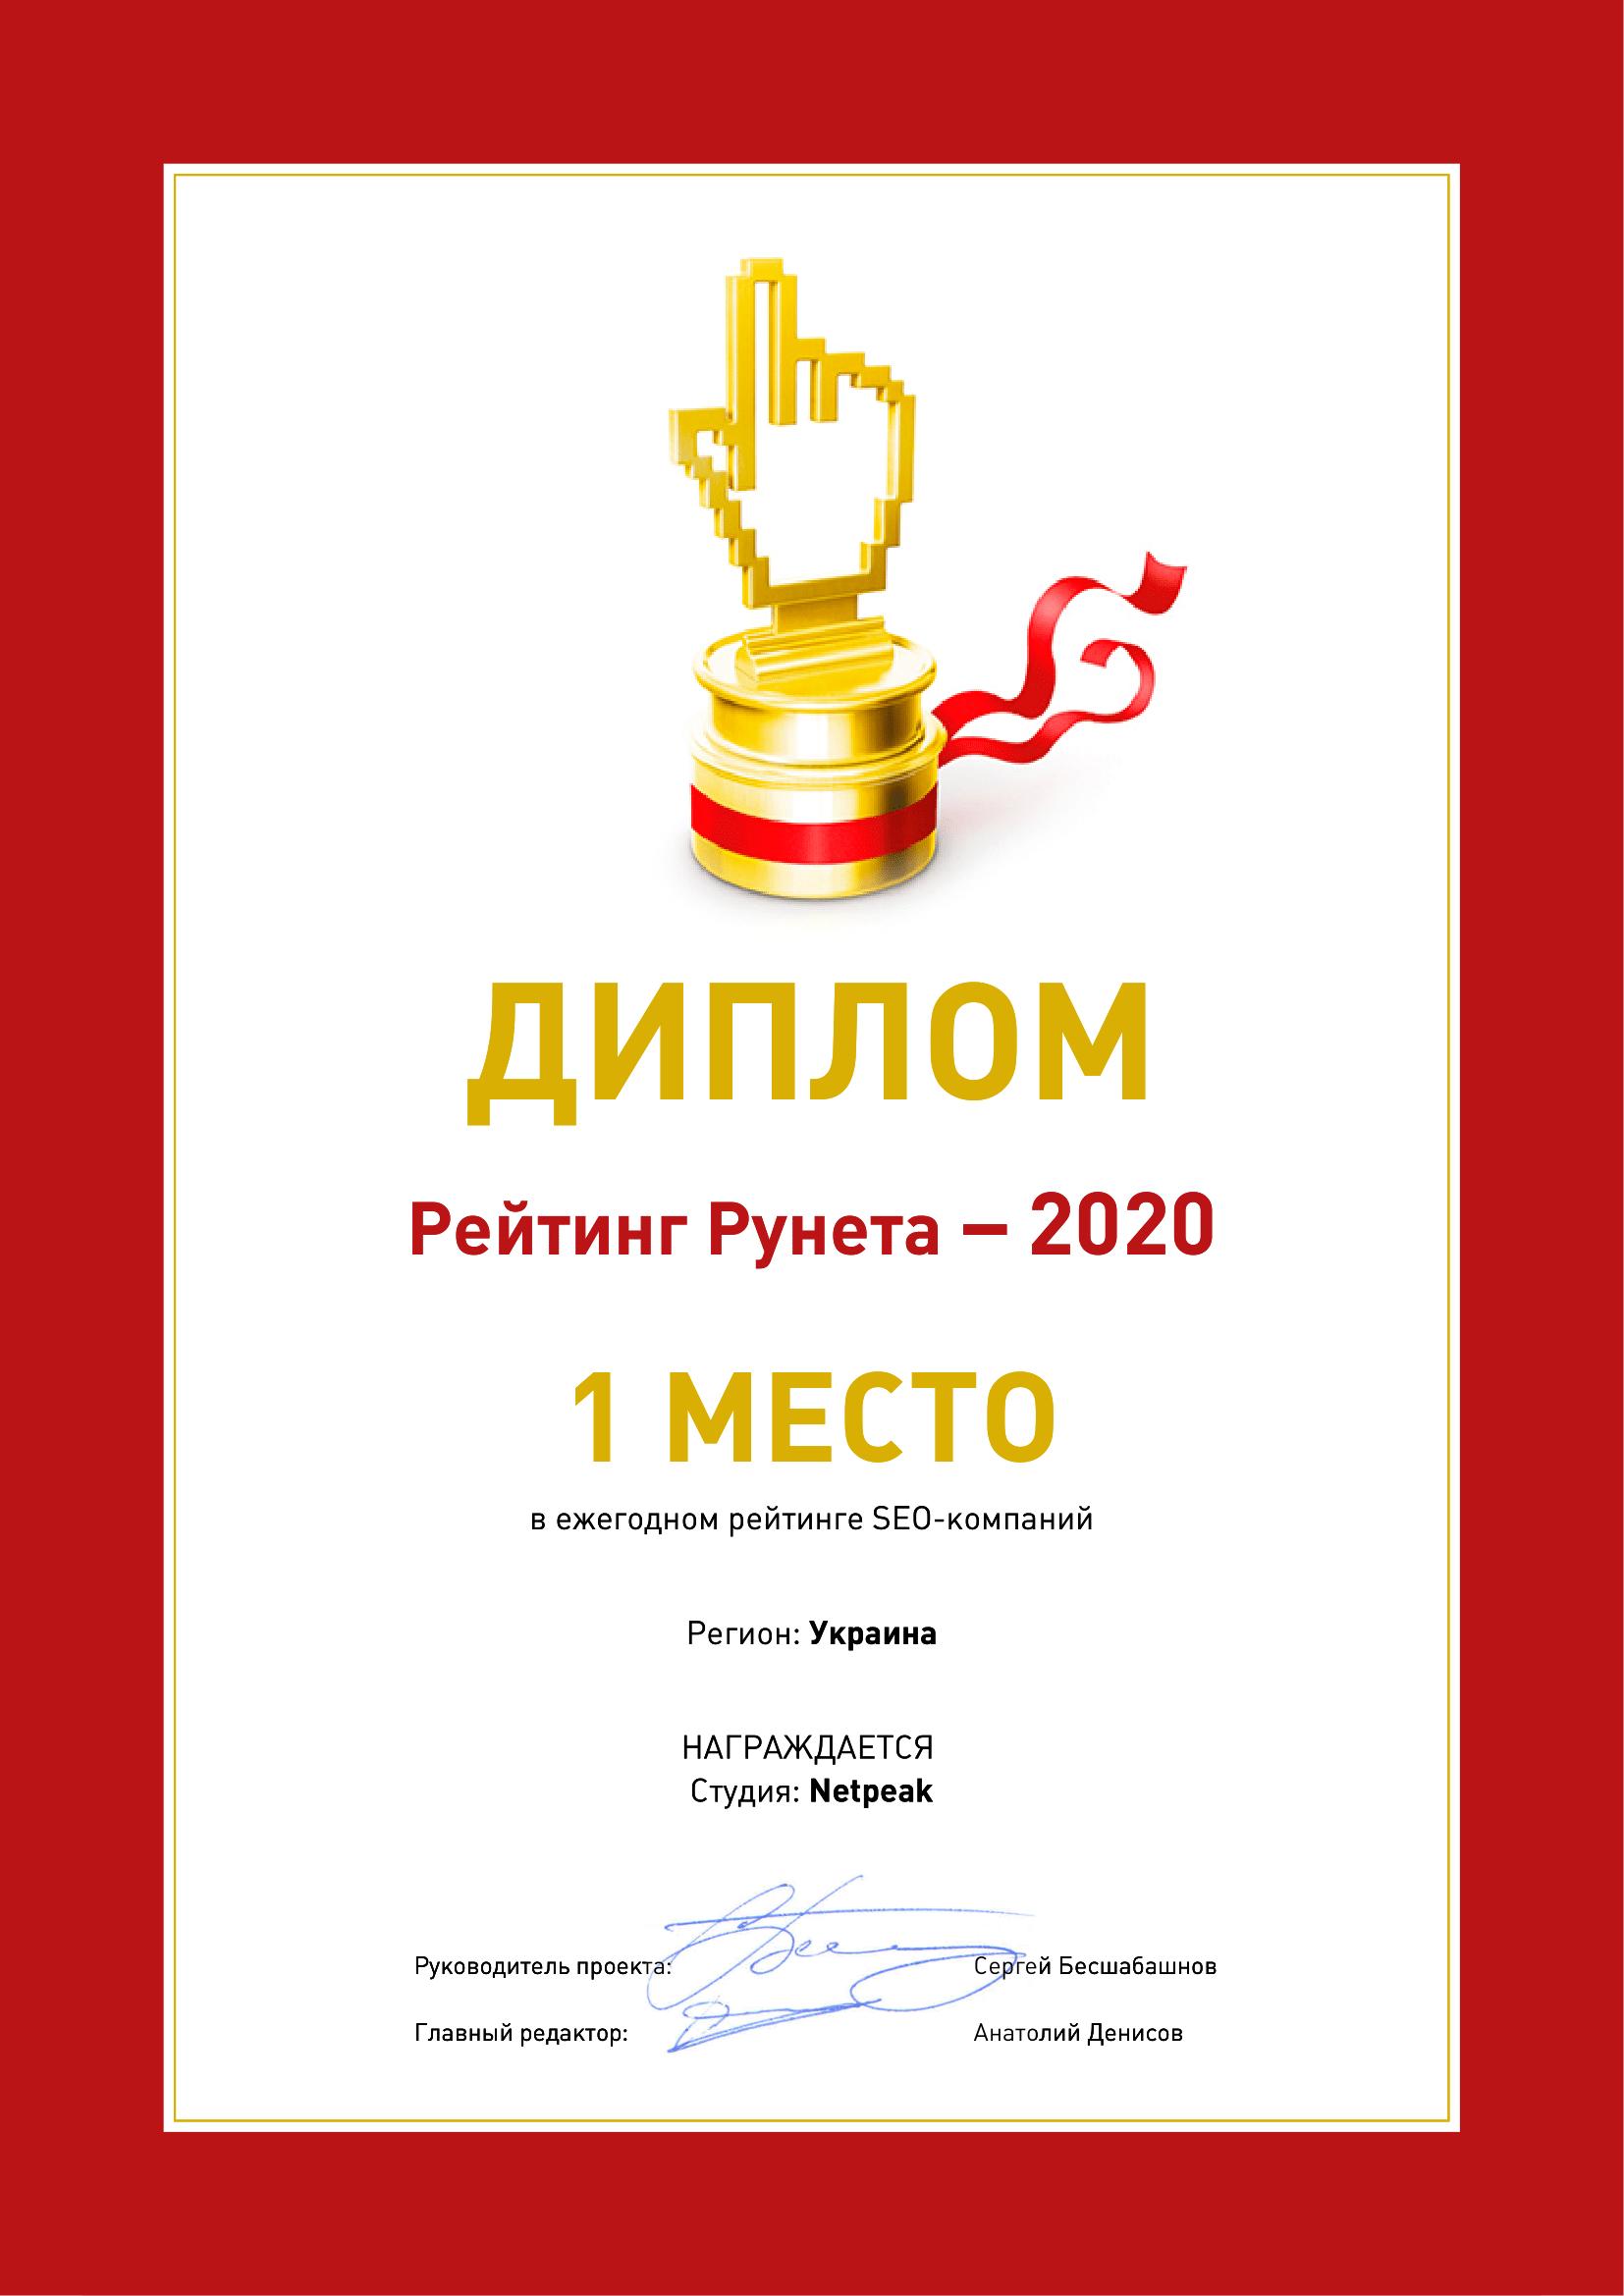 Рейтинг Рунета 2020: 1 места в Рейтинге SEO-компаний в Украине